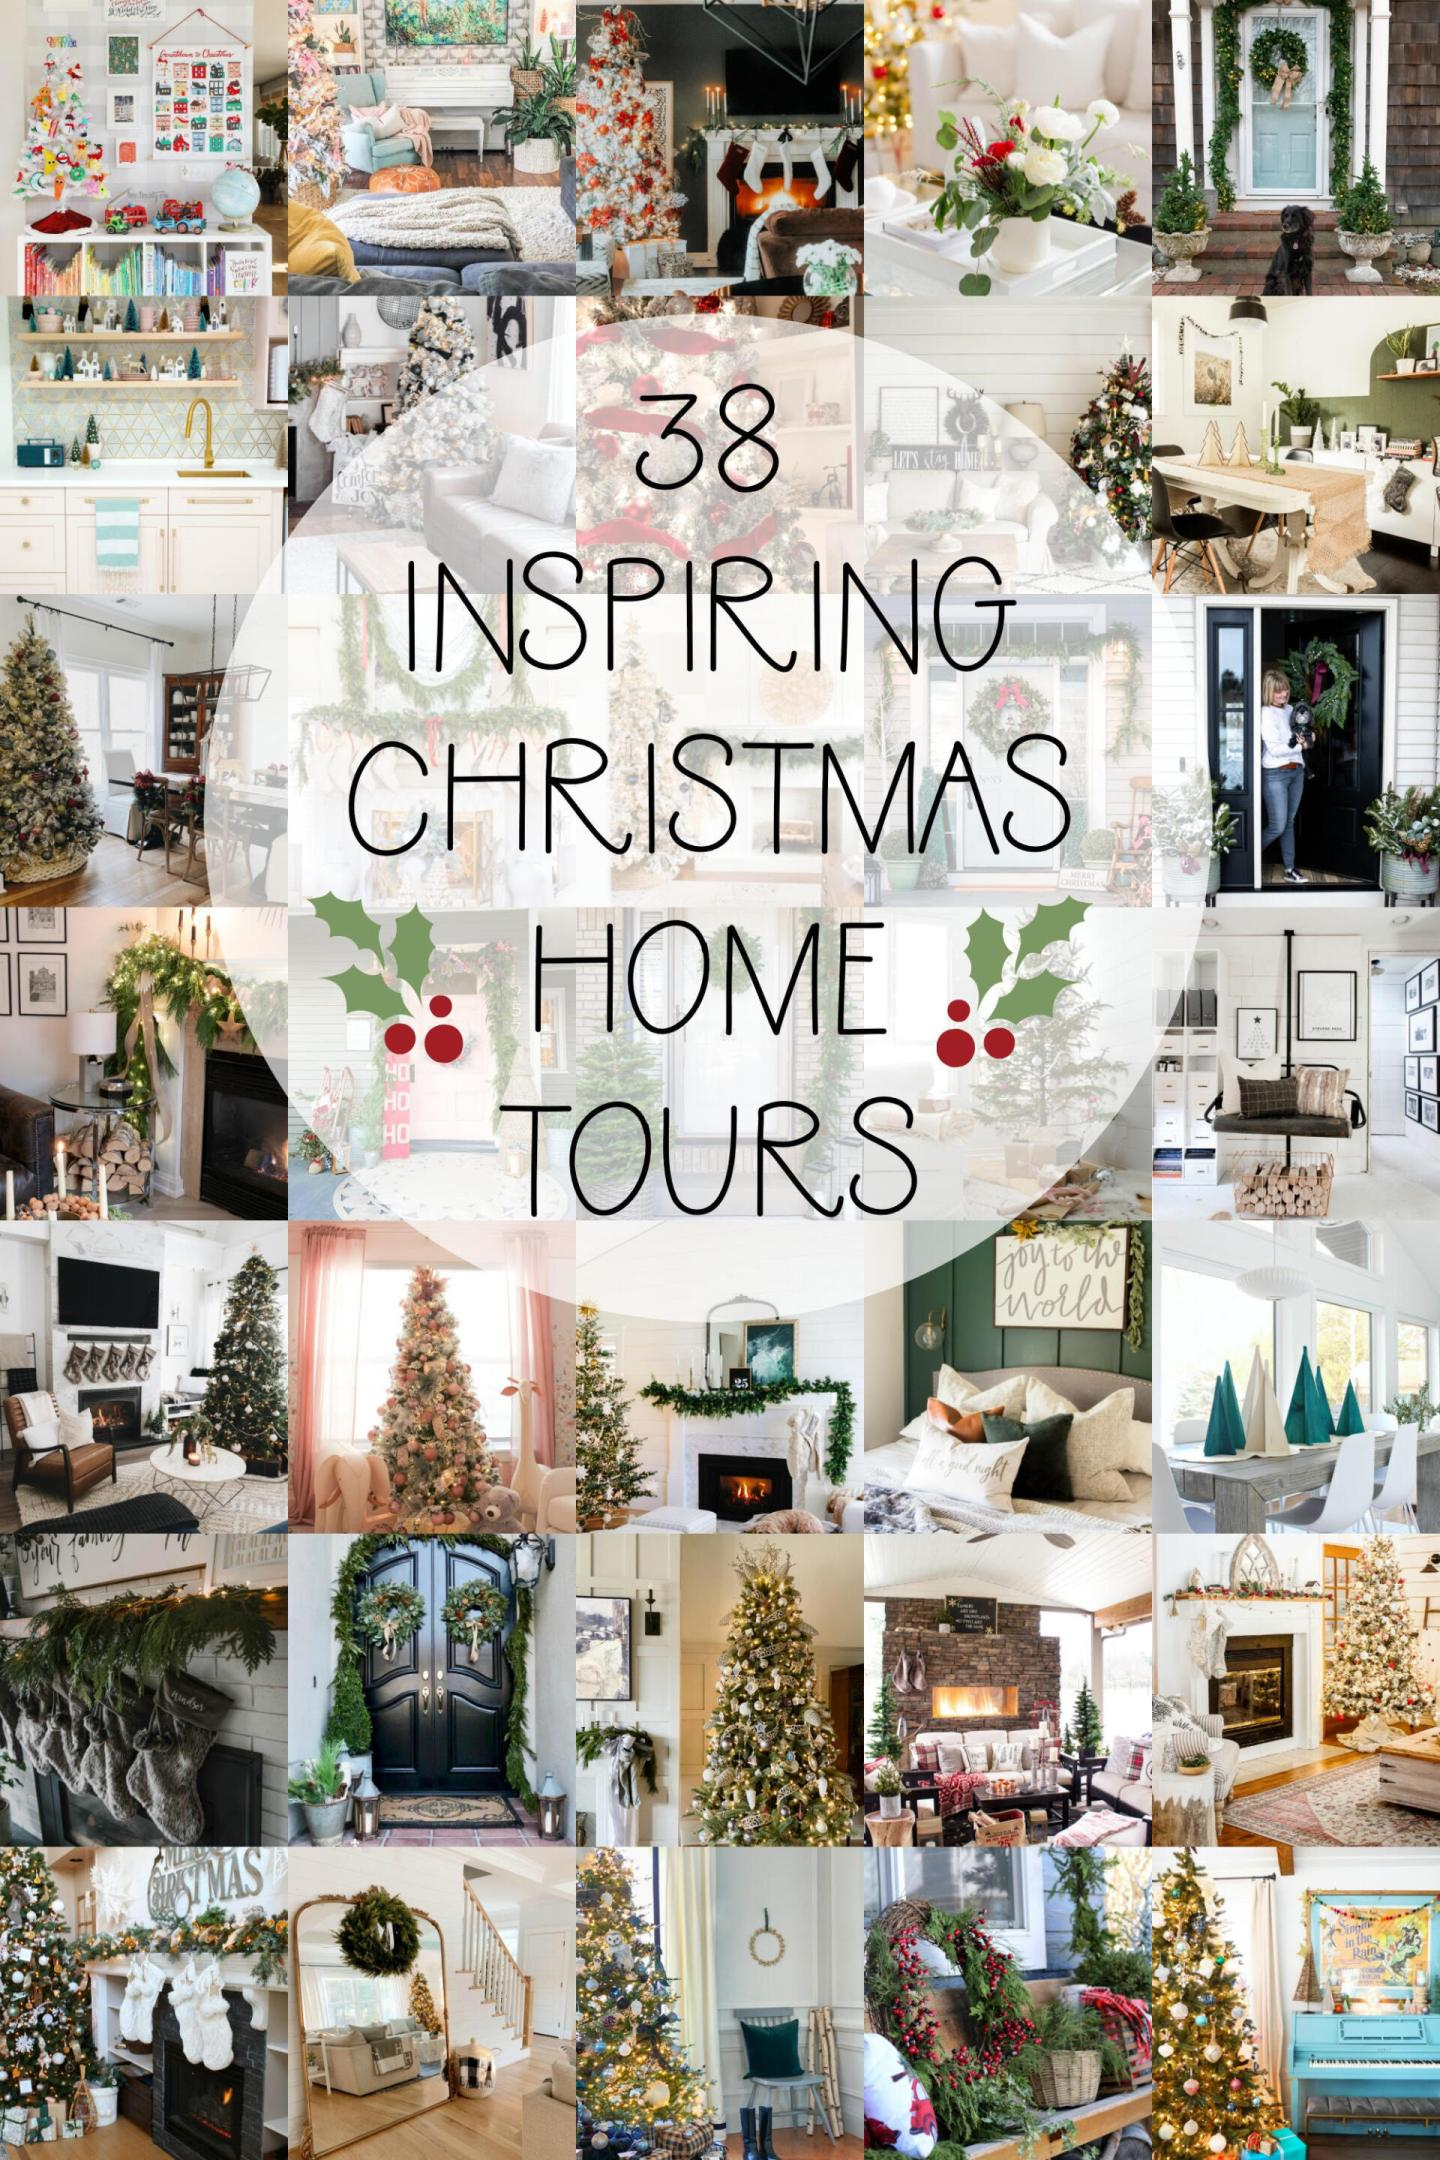 38 Inspiring Christmas Home Tours